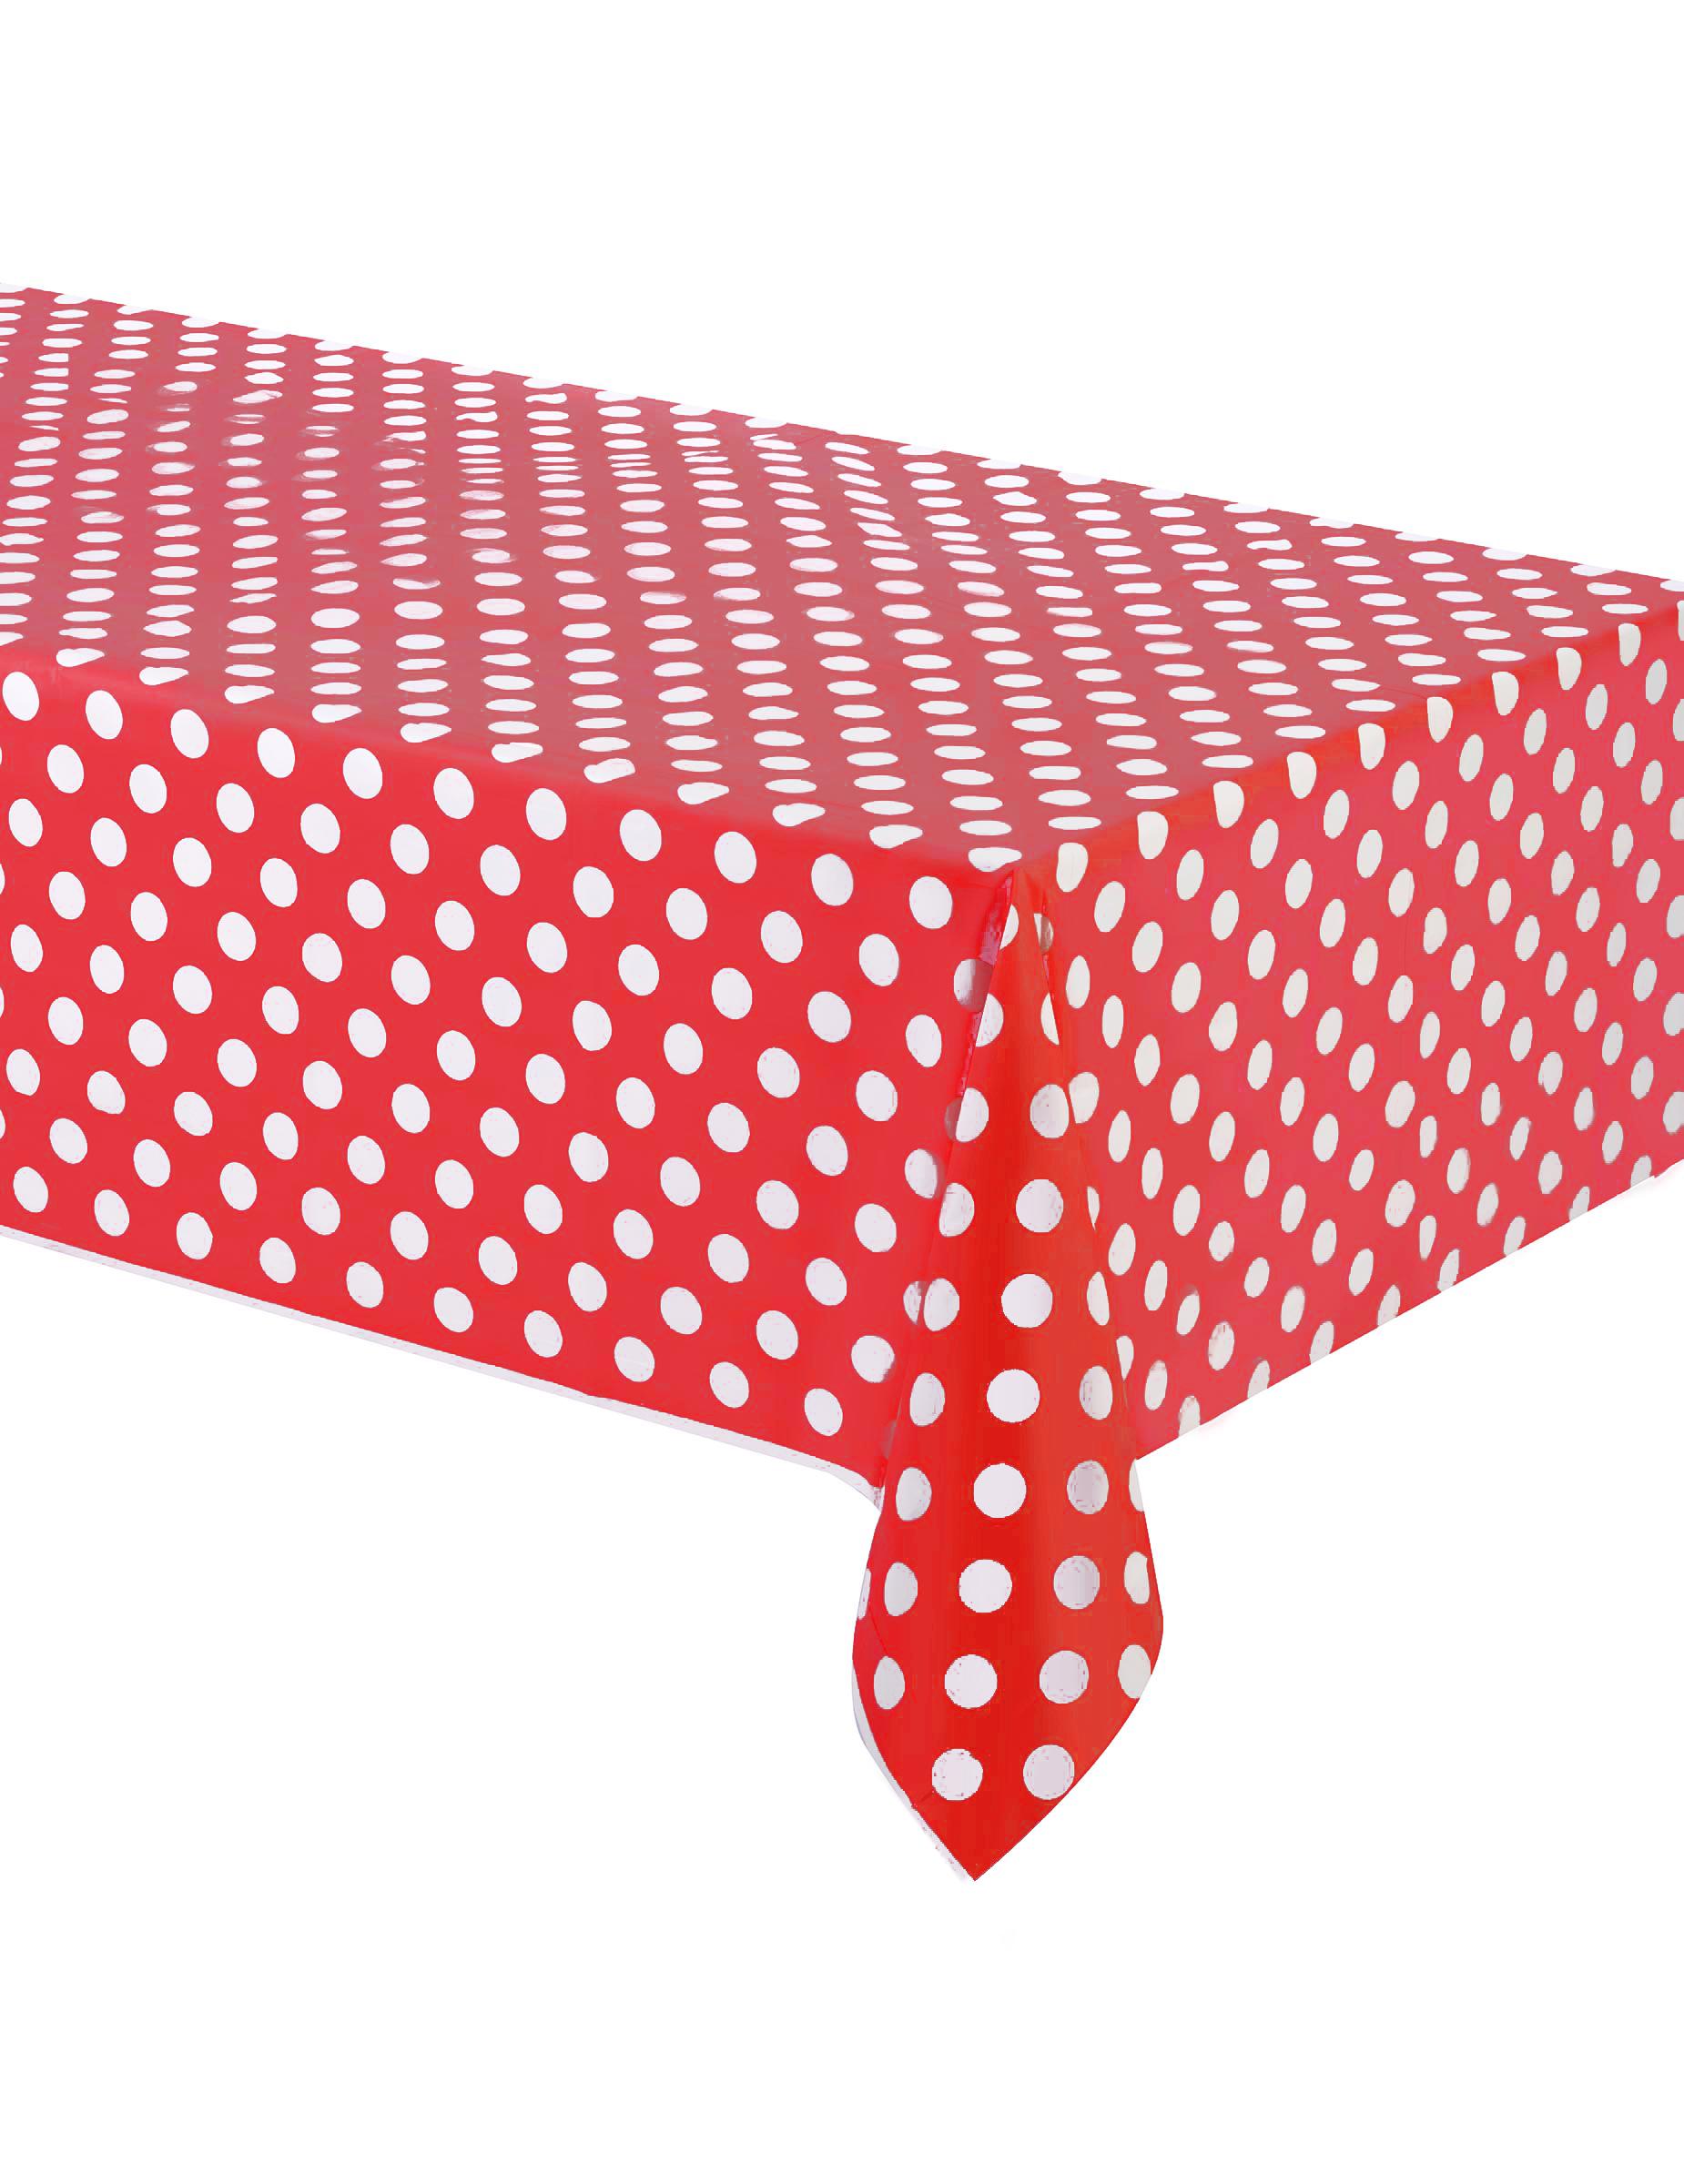 Mantel rojo puntos blancos pl stico 137x274 cm decoraci n y disfraces originales baratos vegaoo - Mantel plastico ...